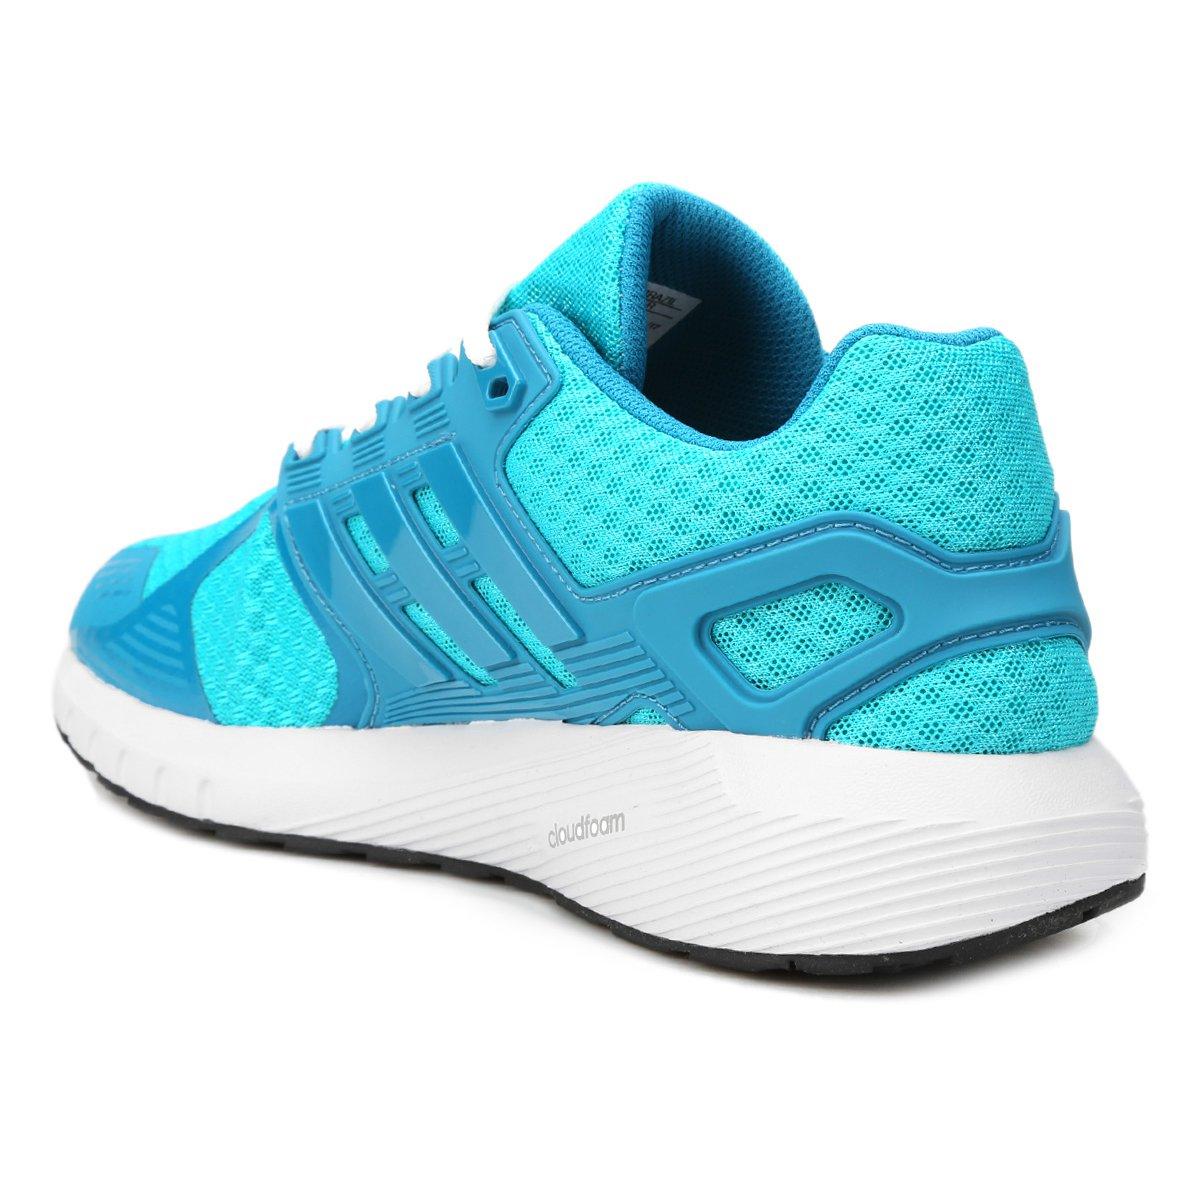 ... Tênis Adidas Duramo 8 Feminino  Tênis Adidas Duramo 8 Feminino. Tênis  Adidas Duramo 8 Feminino - Azul Piscina+Azul Claro ff6b2de2ae3f8